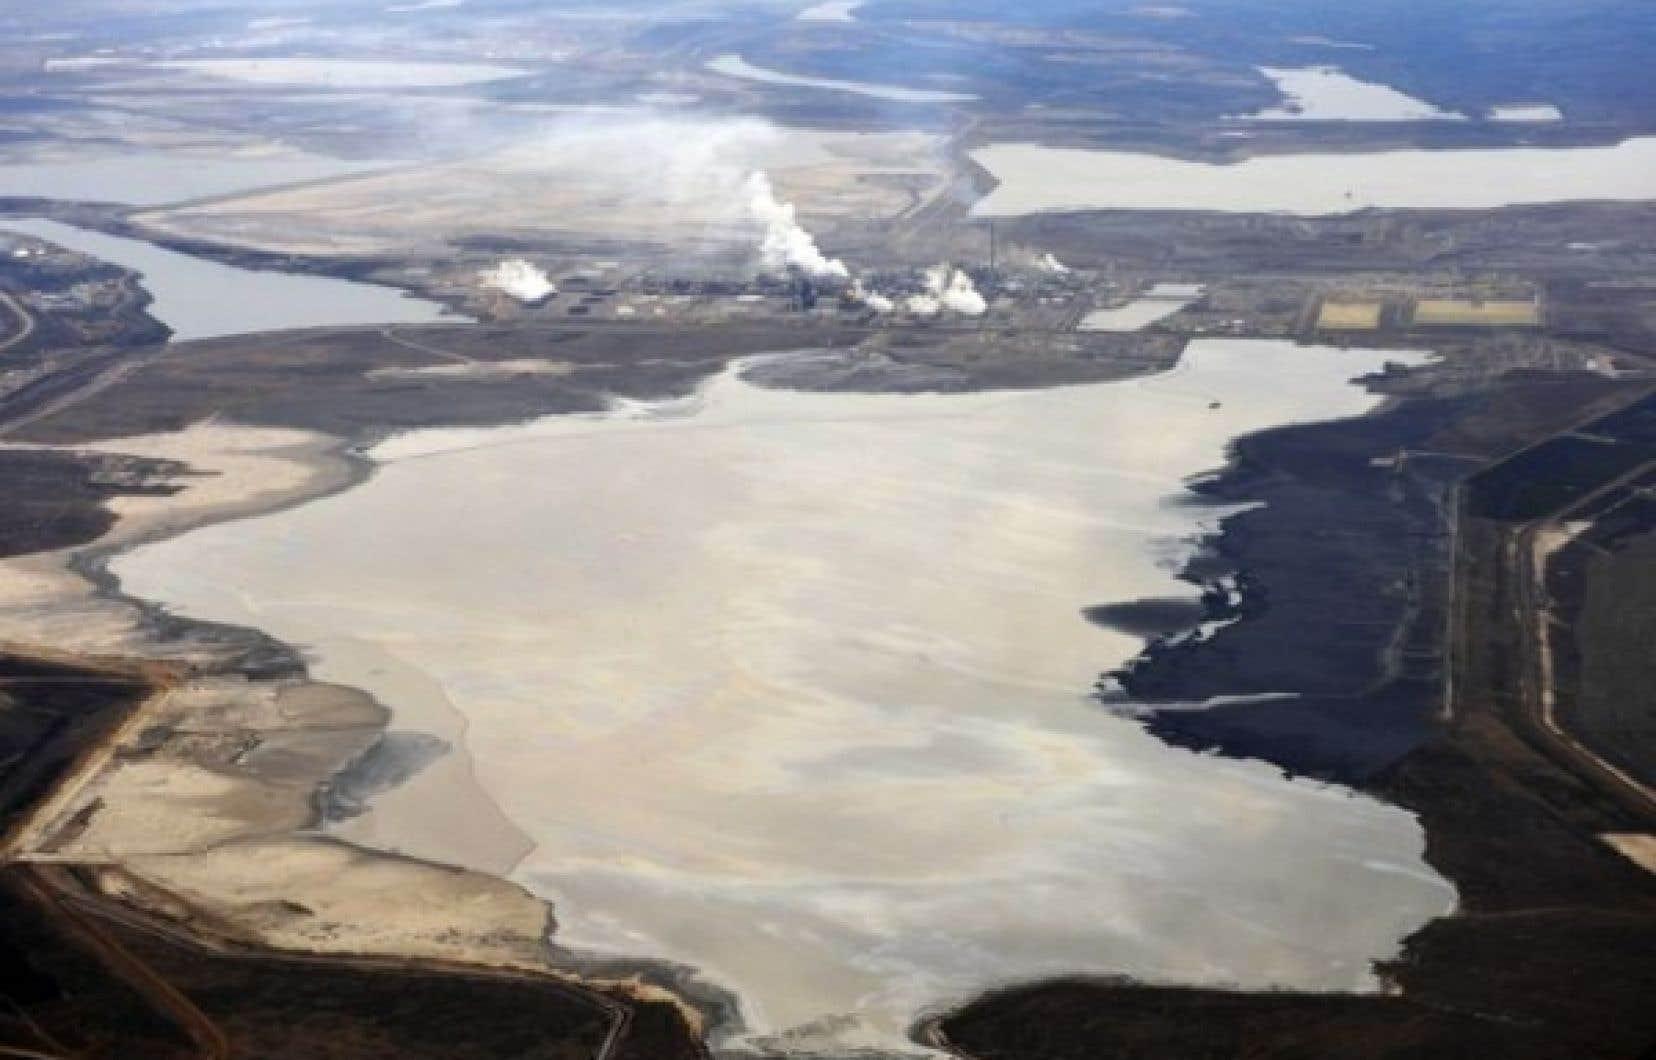 Selon l'IRÉC, les investissements de la Caisse dans le secteur des sables bitumineux vont «directement à l'encontre des orientations politiques en matière de lutte aux changements climatiques» adoptées par le gouvernement du Québec.